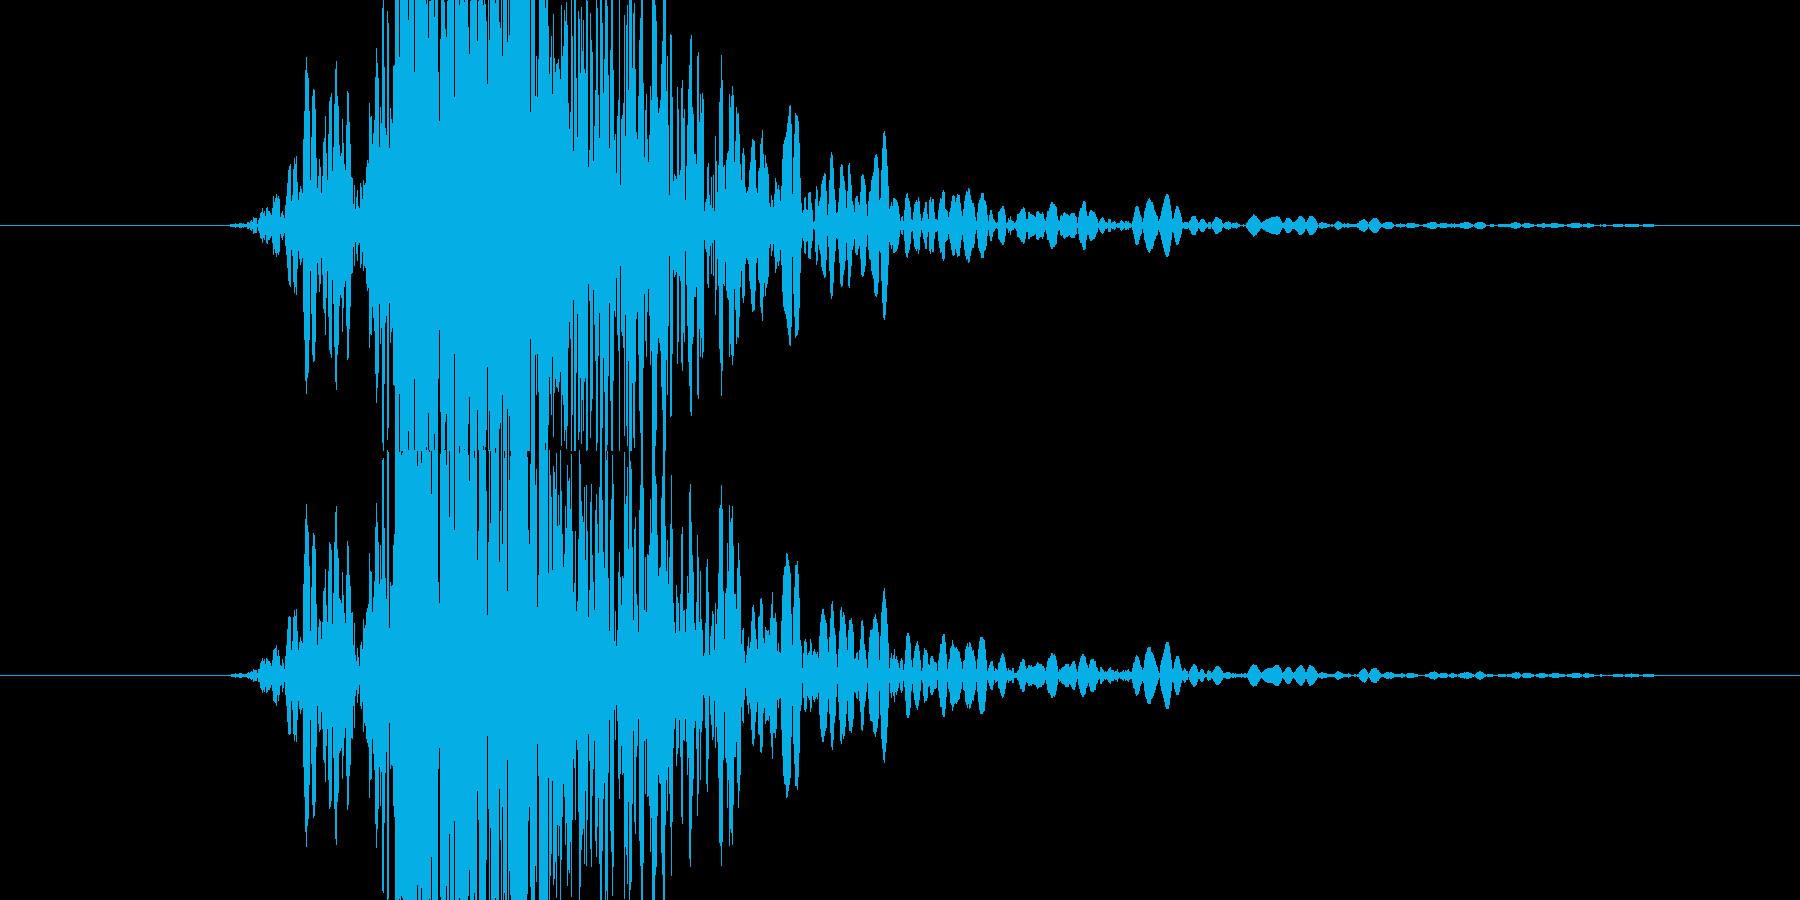 中世 ヒットシールドウッド06の再生済みの波形